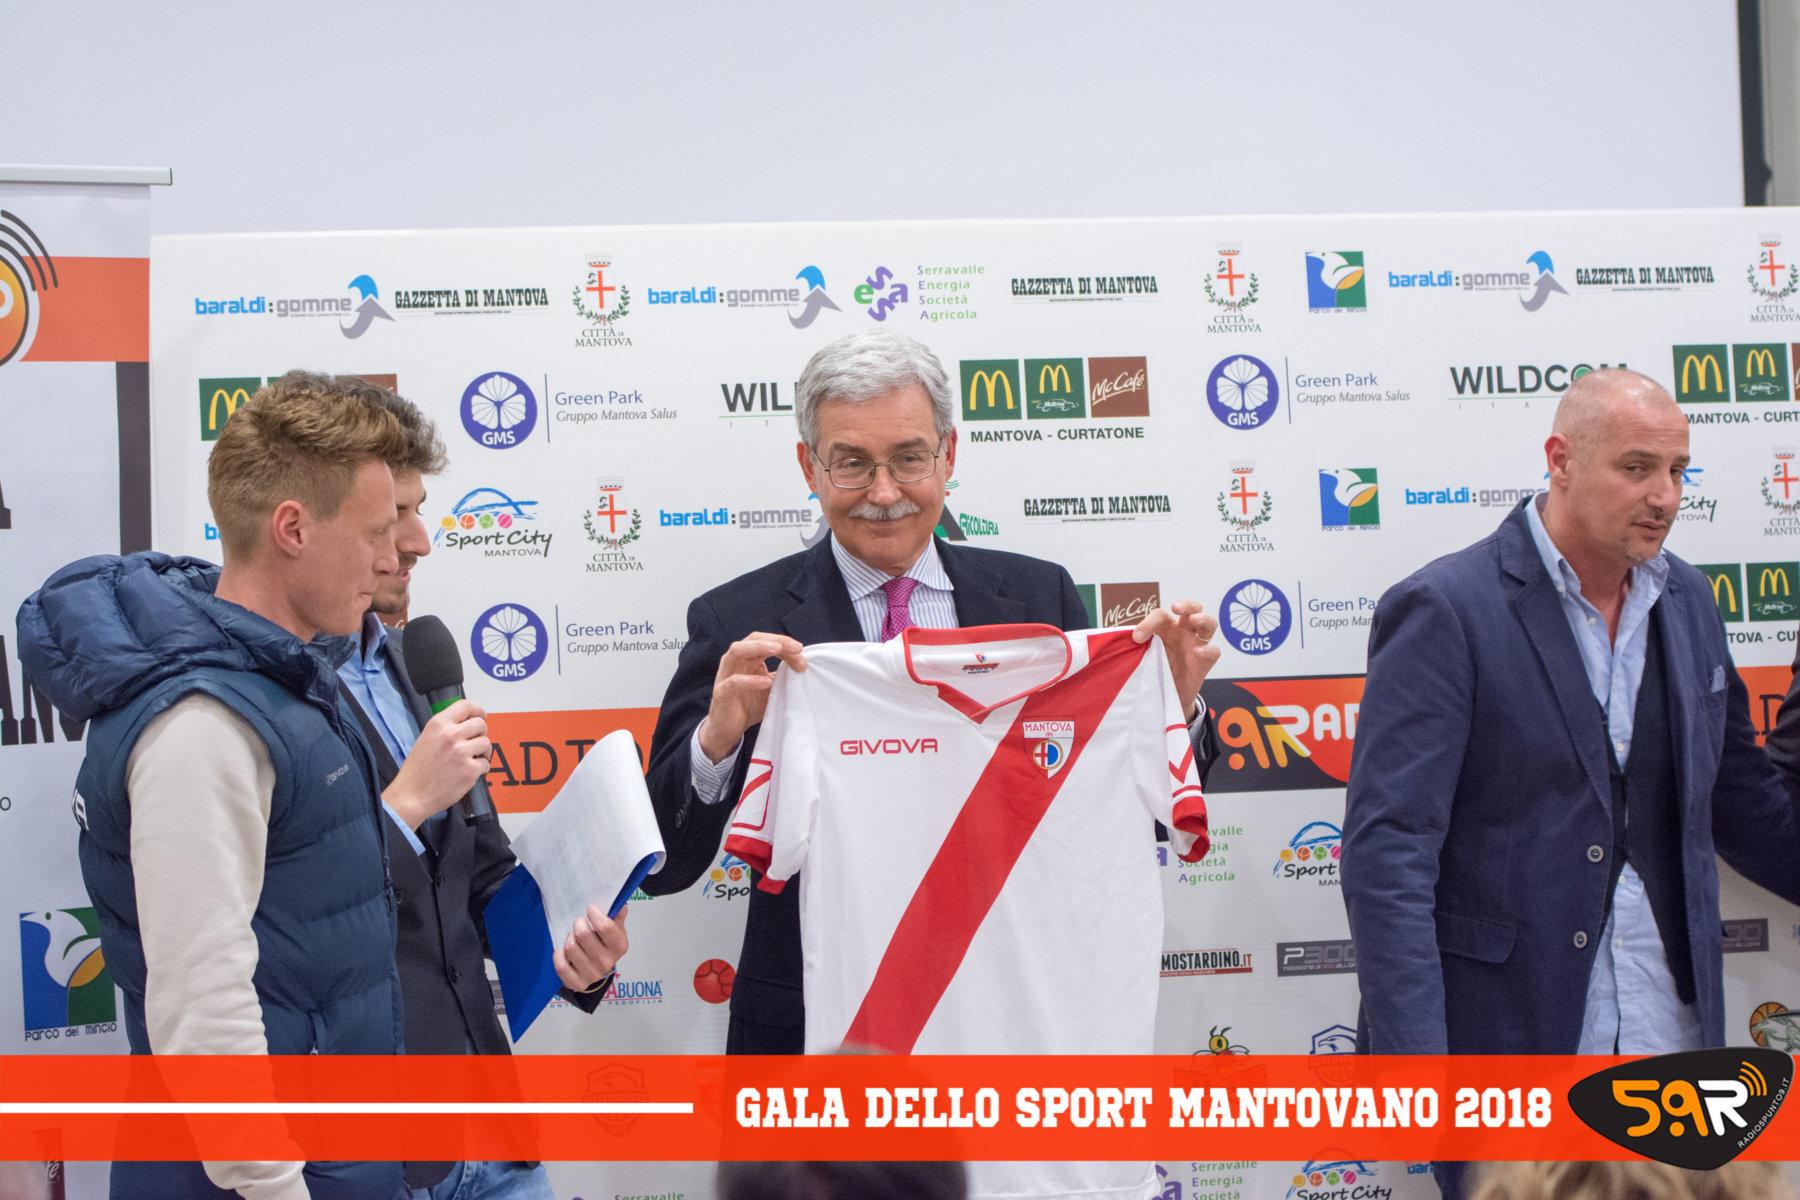 Gala dello Sport Mantovano 2018 Web Radio 5 (6)